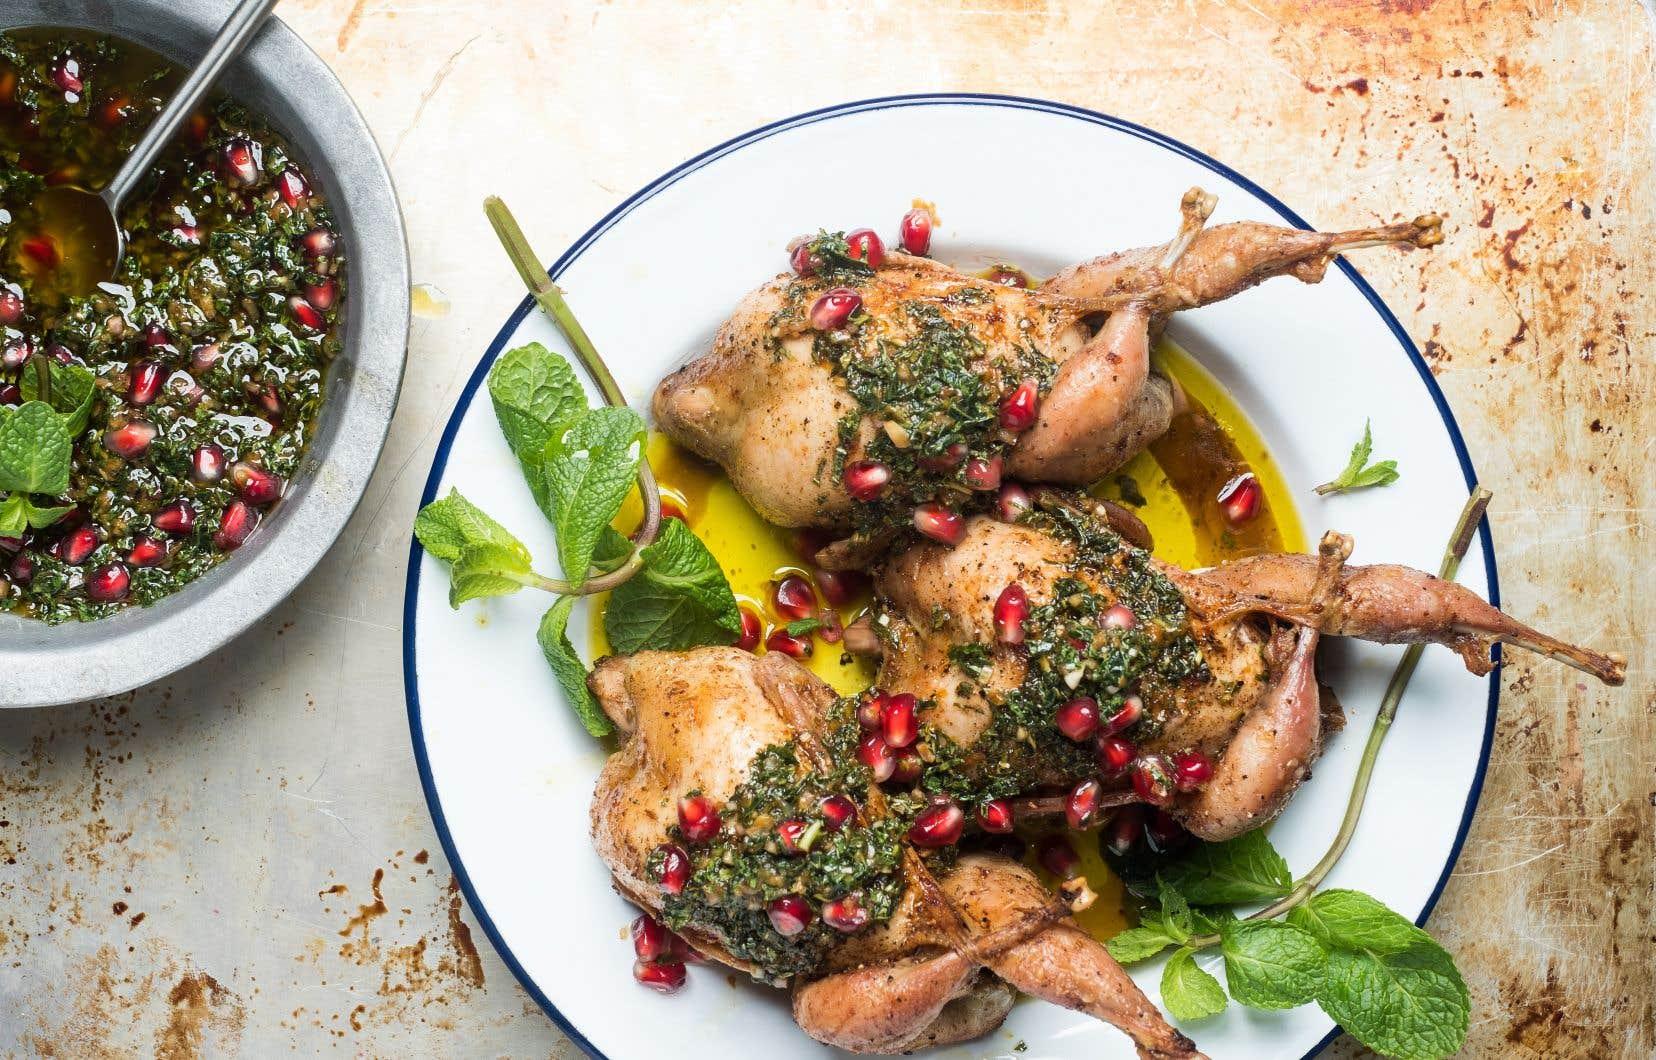 Servir avec une salade, du quinoa ou encore du riz sauvage.